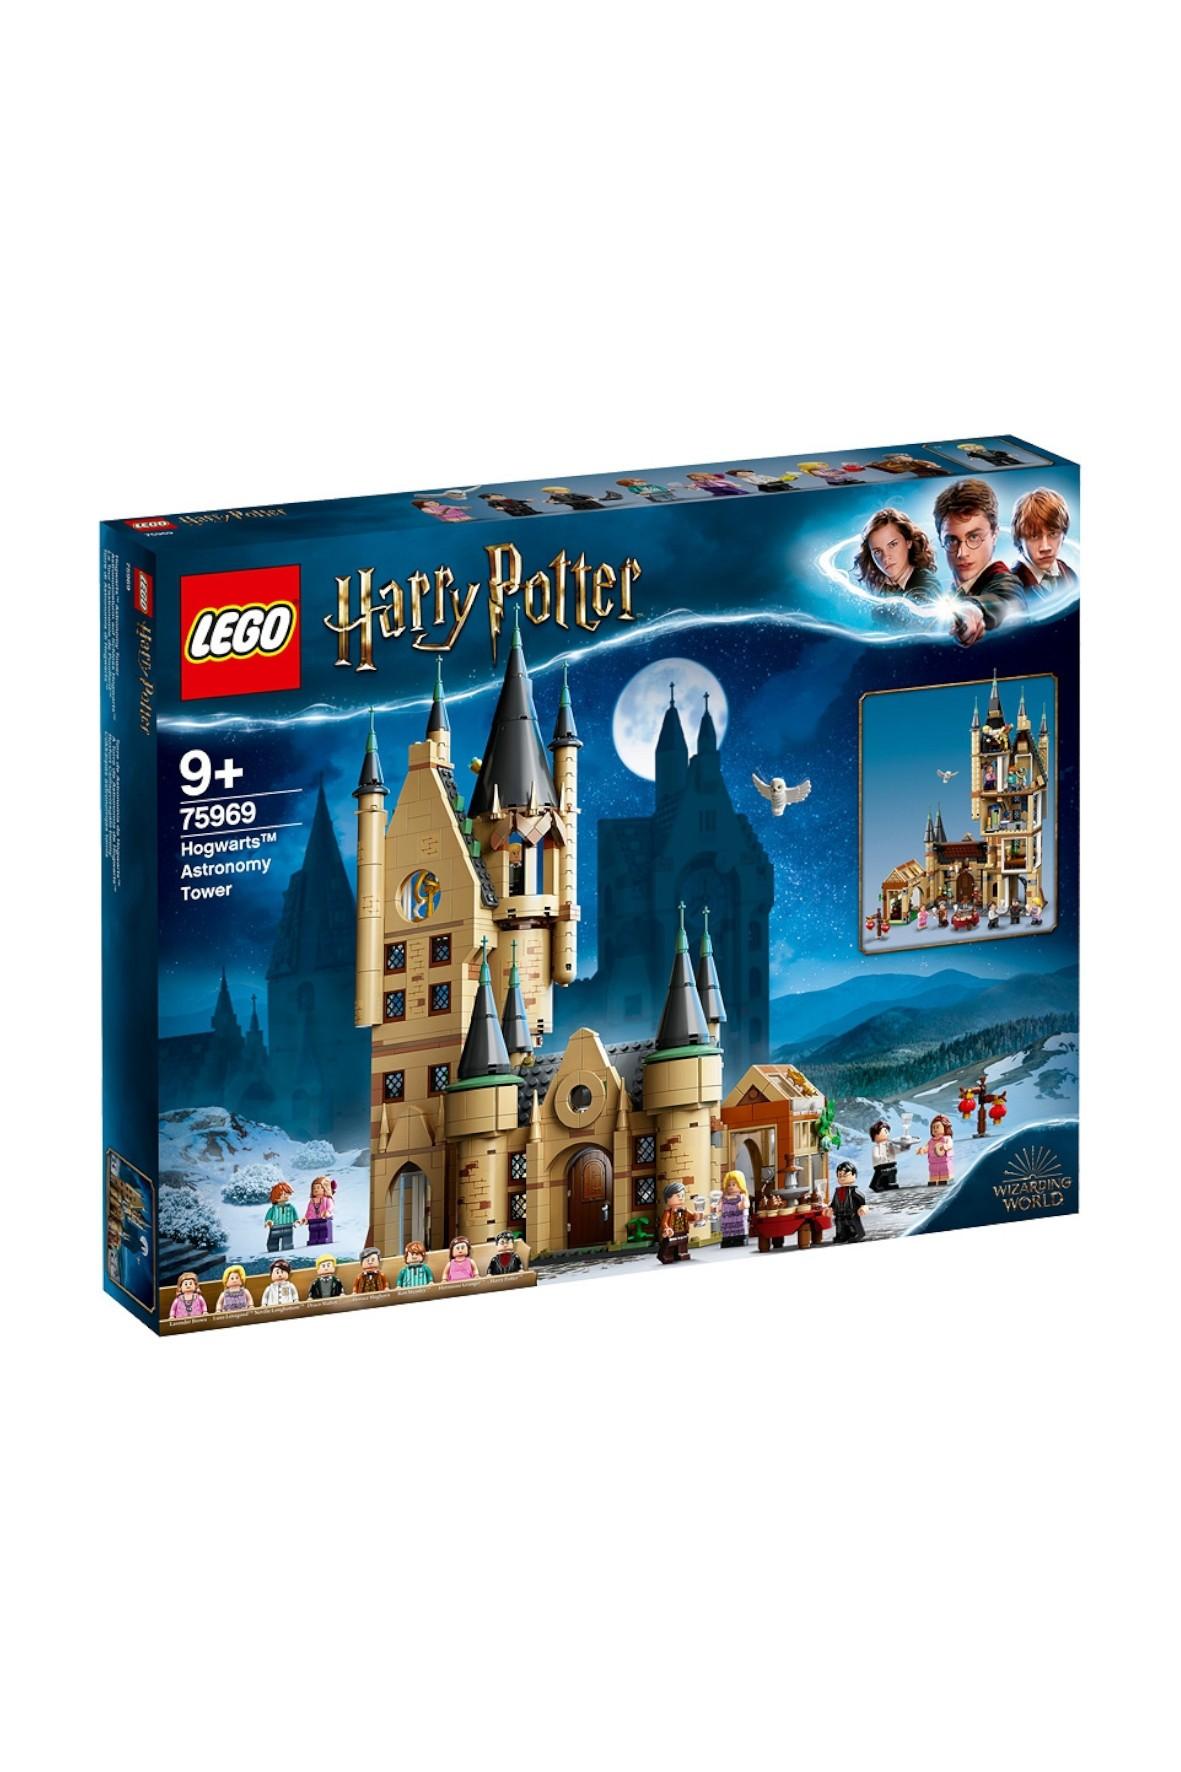 LEGO® Harry Potter™ Wieża Astronomiczna w Hogwarcie™ 75969 - 971 el wiek 9+